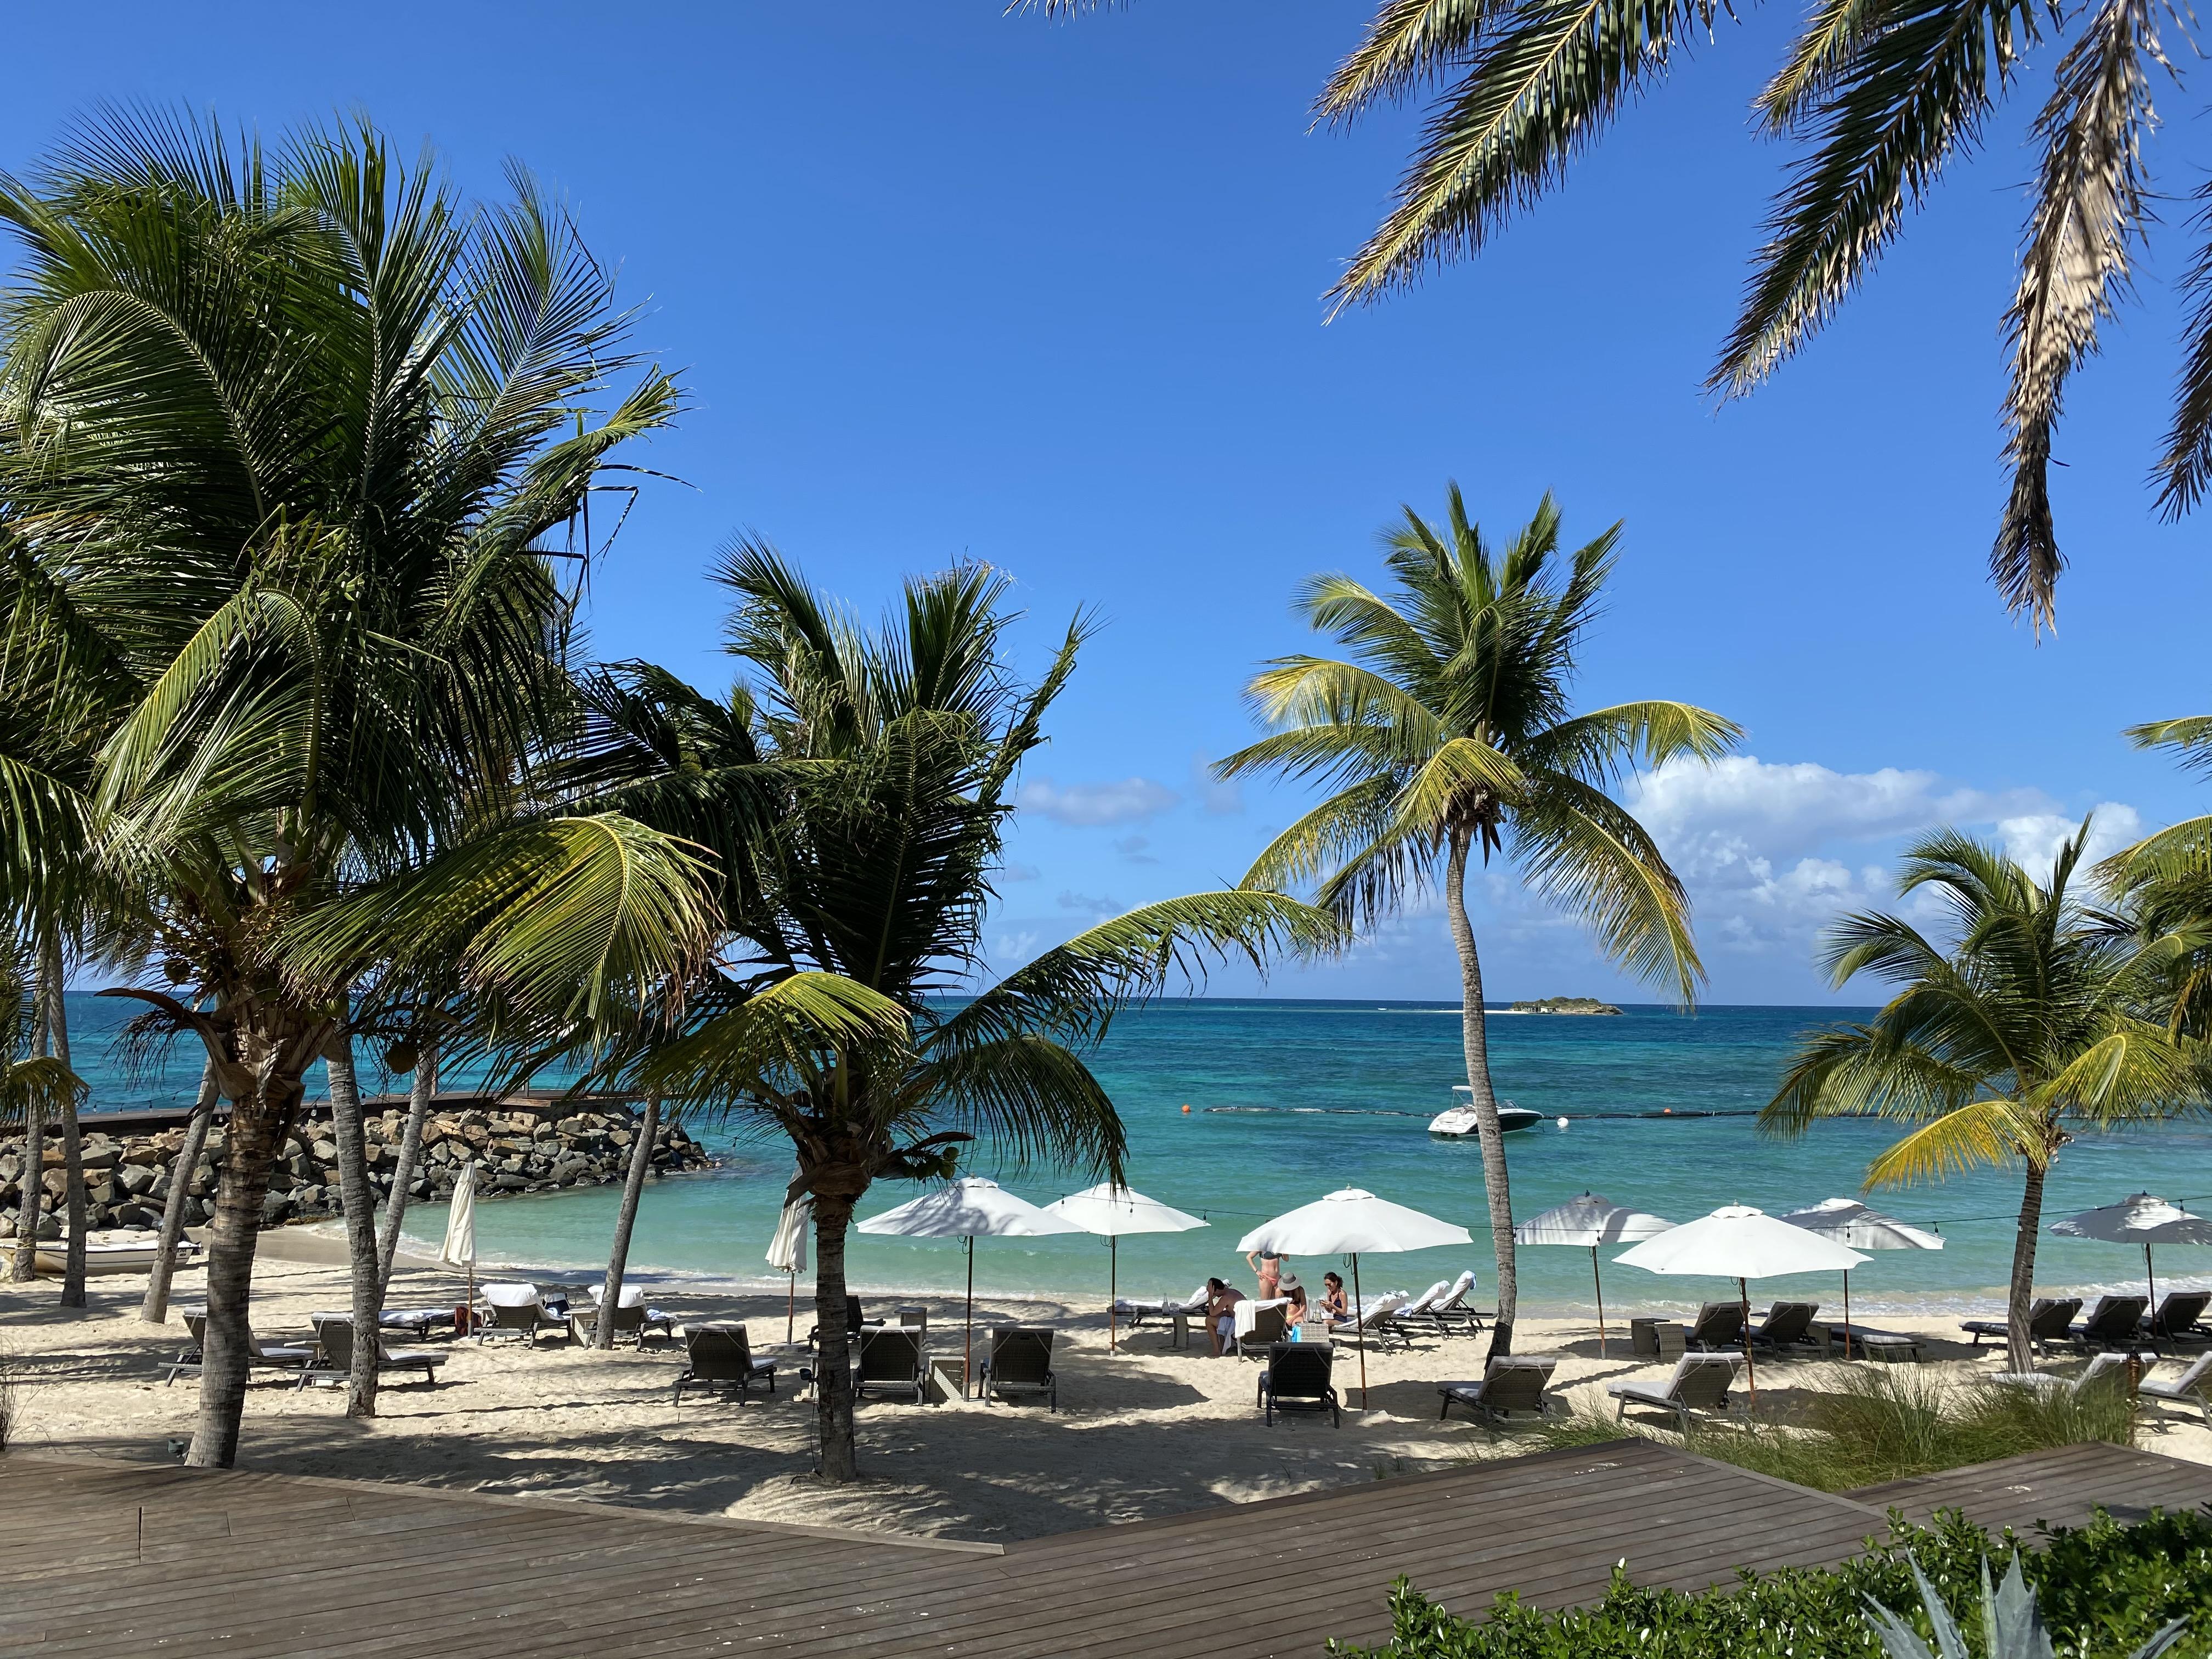 hodge's beach